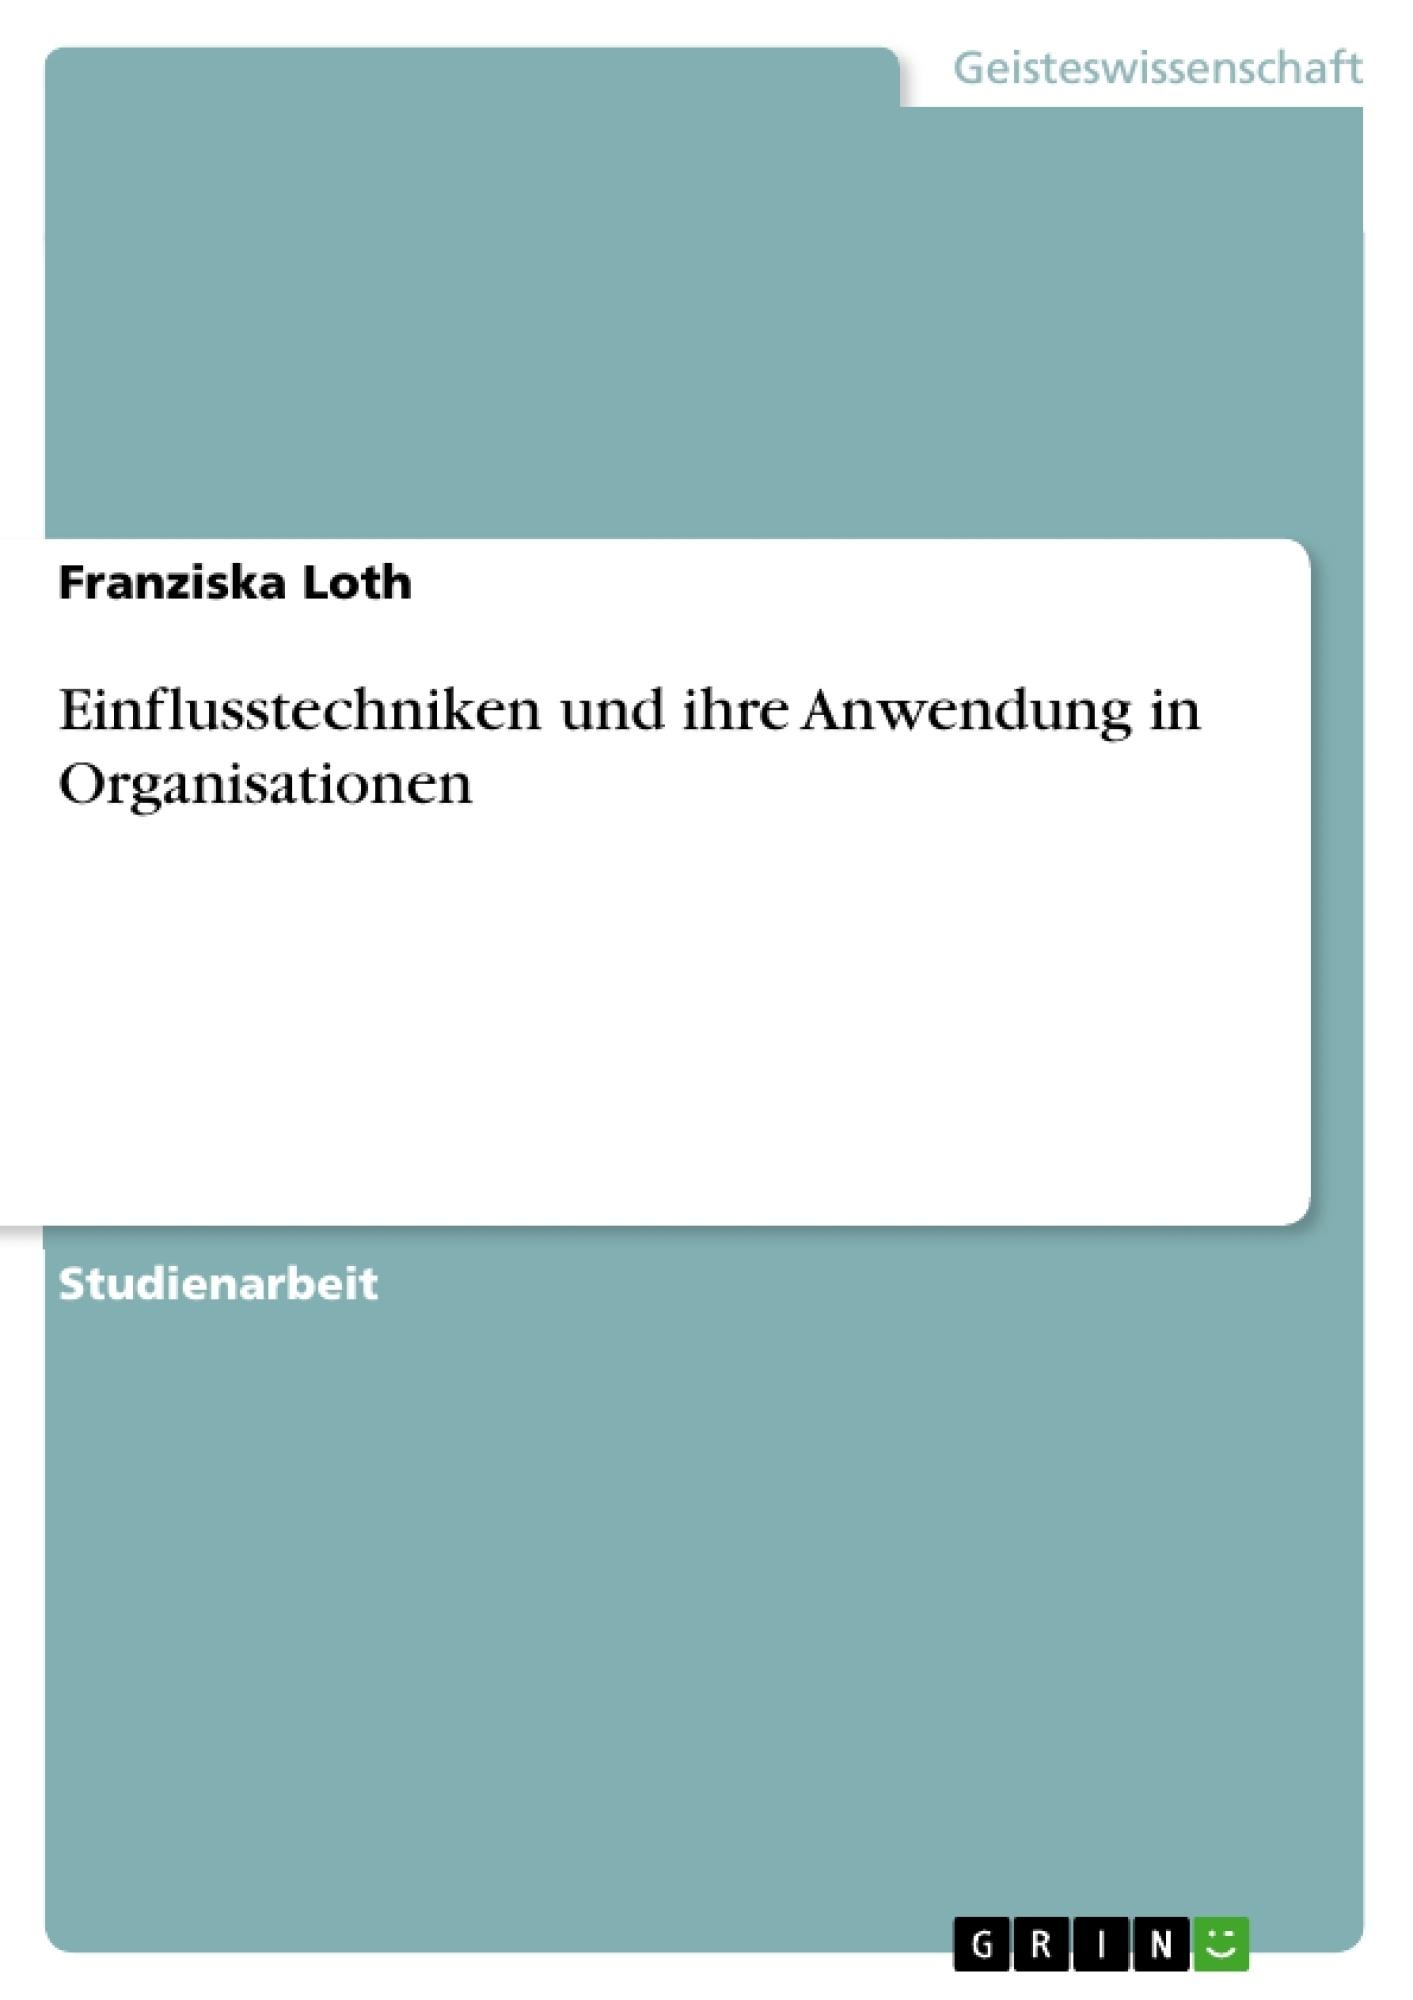 Titel: Einflusstechniken und ihre Anwendung in Organisationen